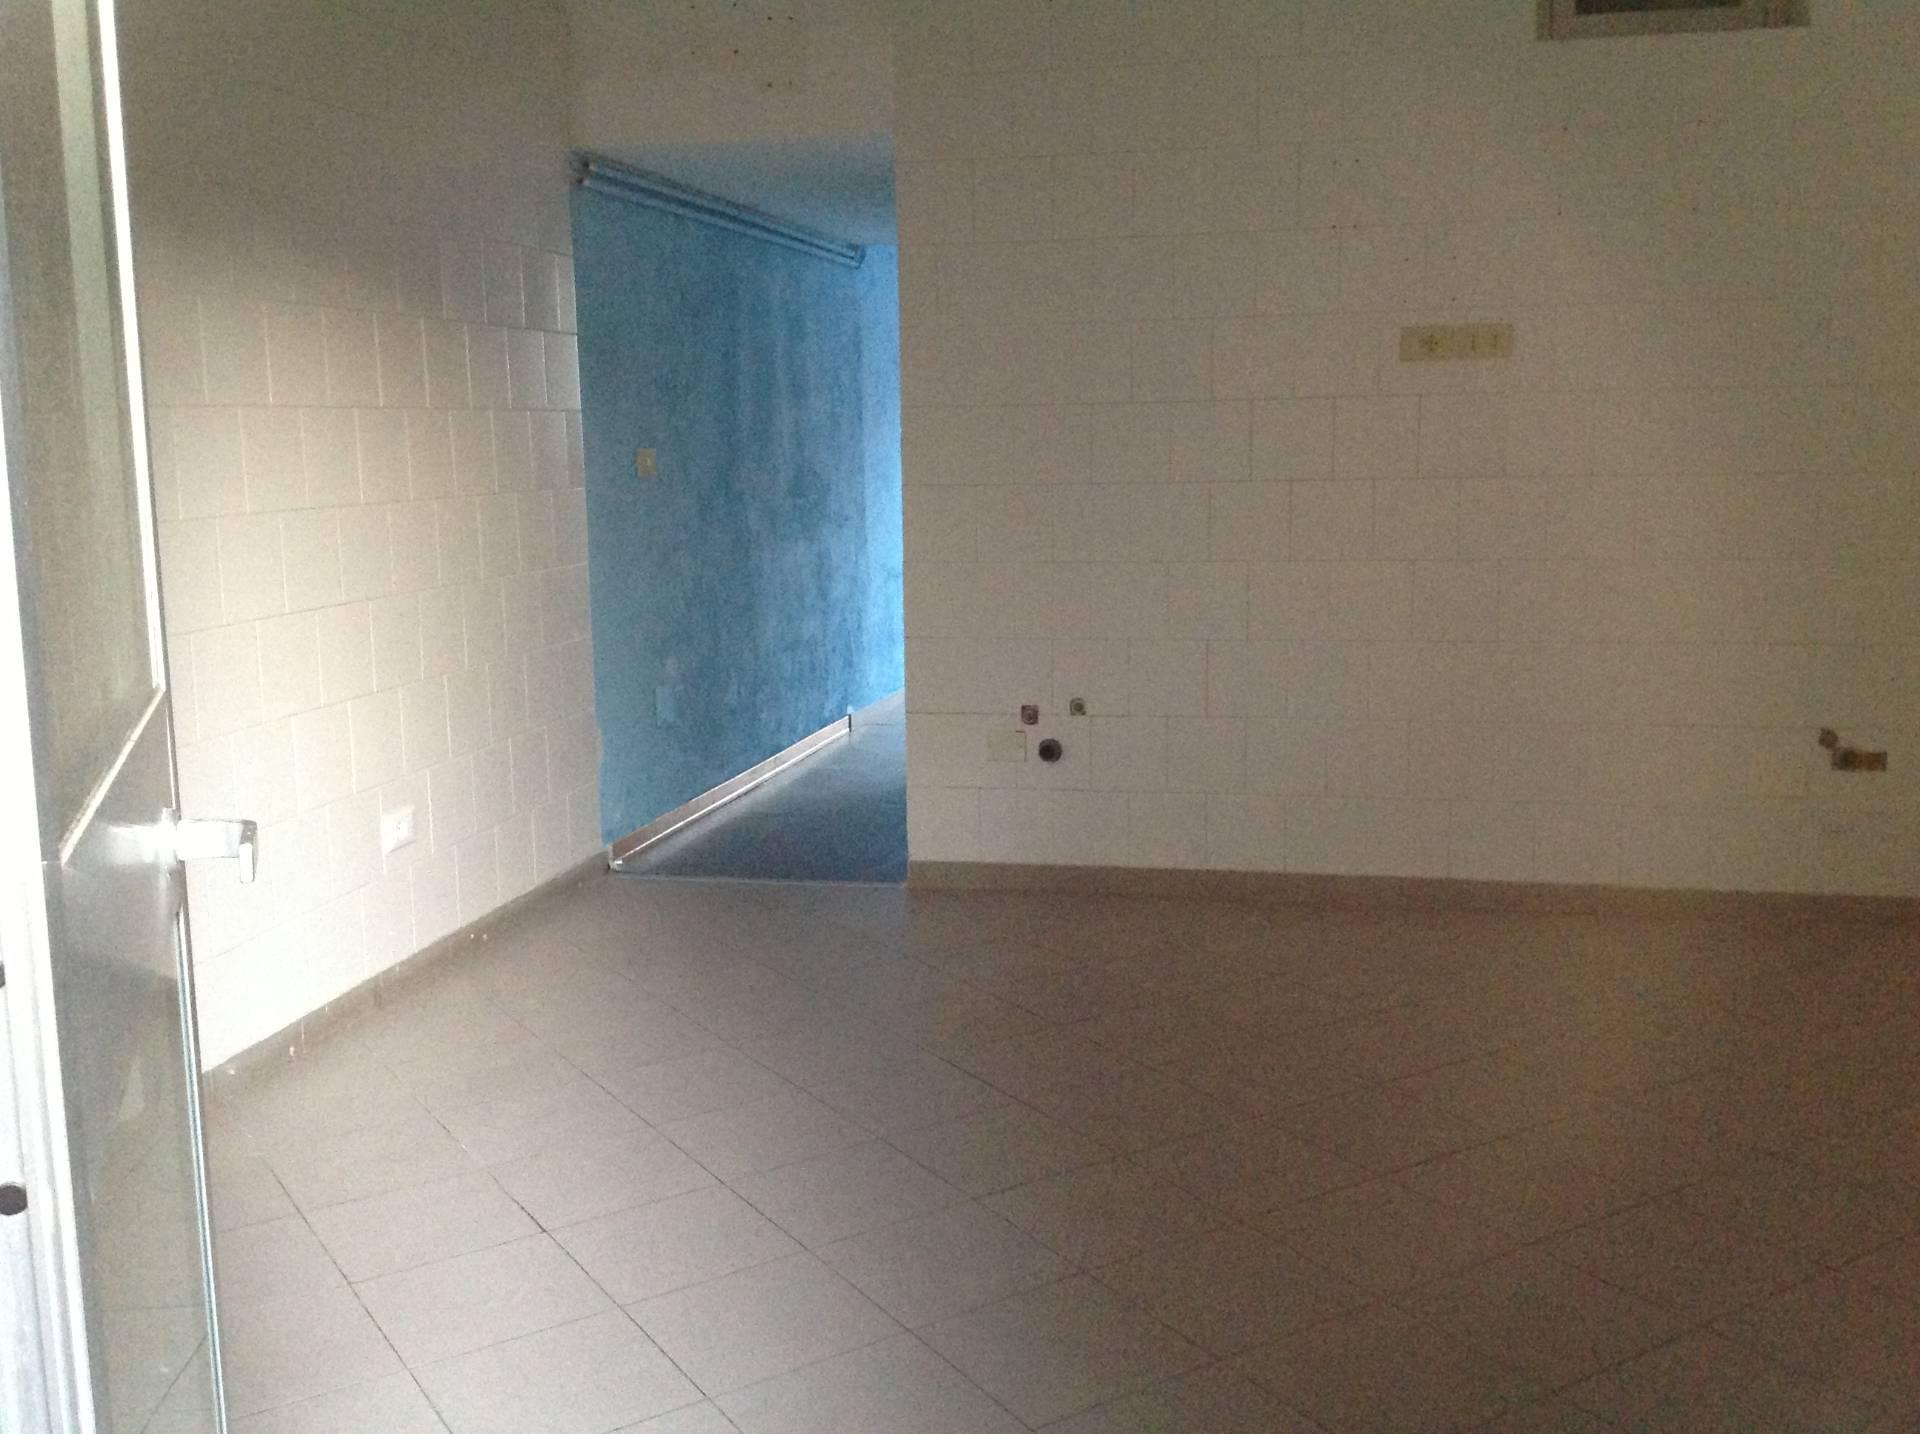 Negozio / Locale in affitto a Pisa, 9999 locali, zona Località: centrostorico, prezzo € 900 | Cambio Casa.it